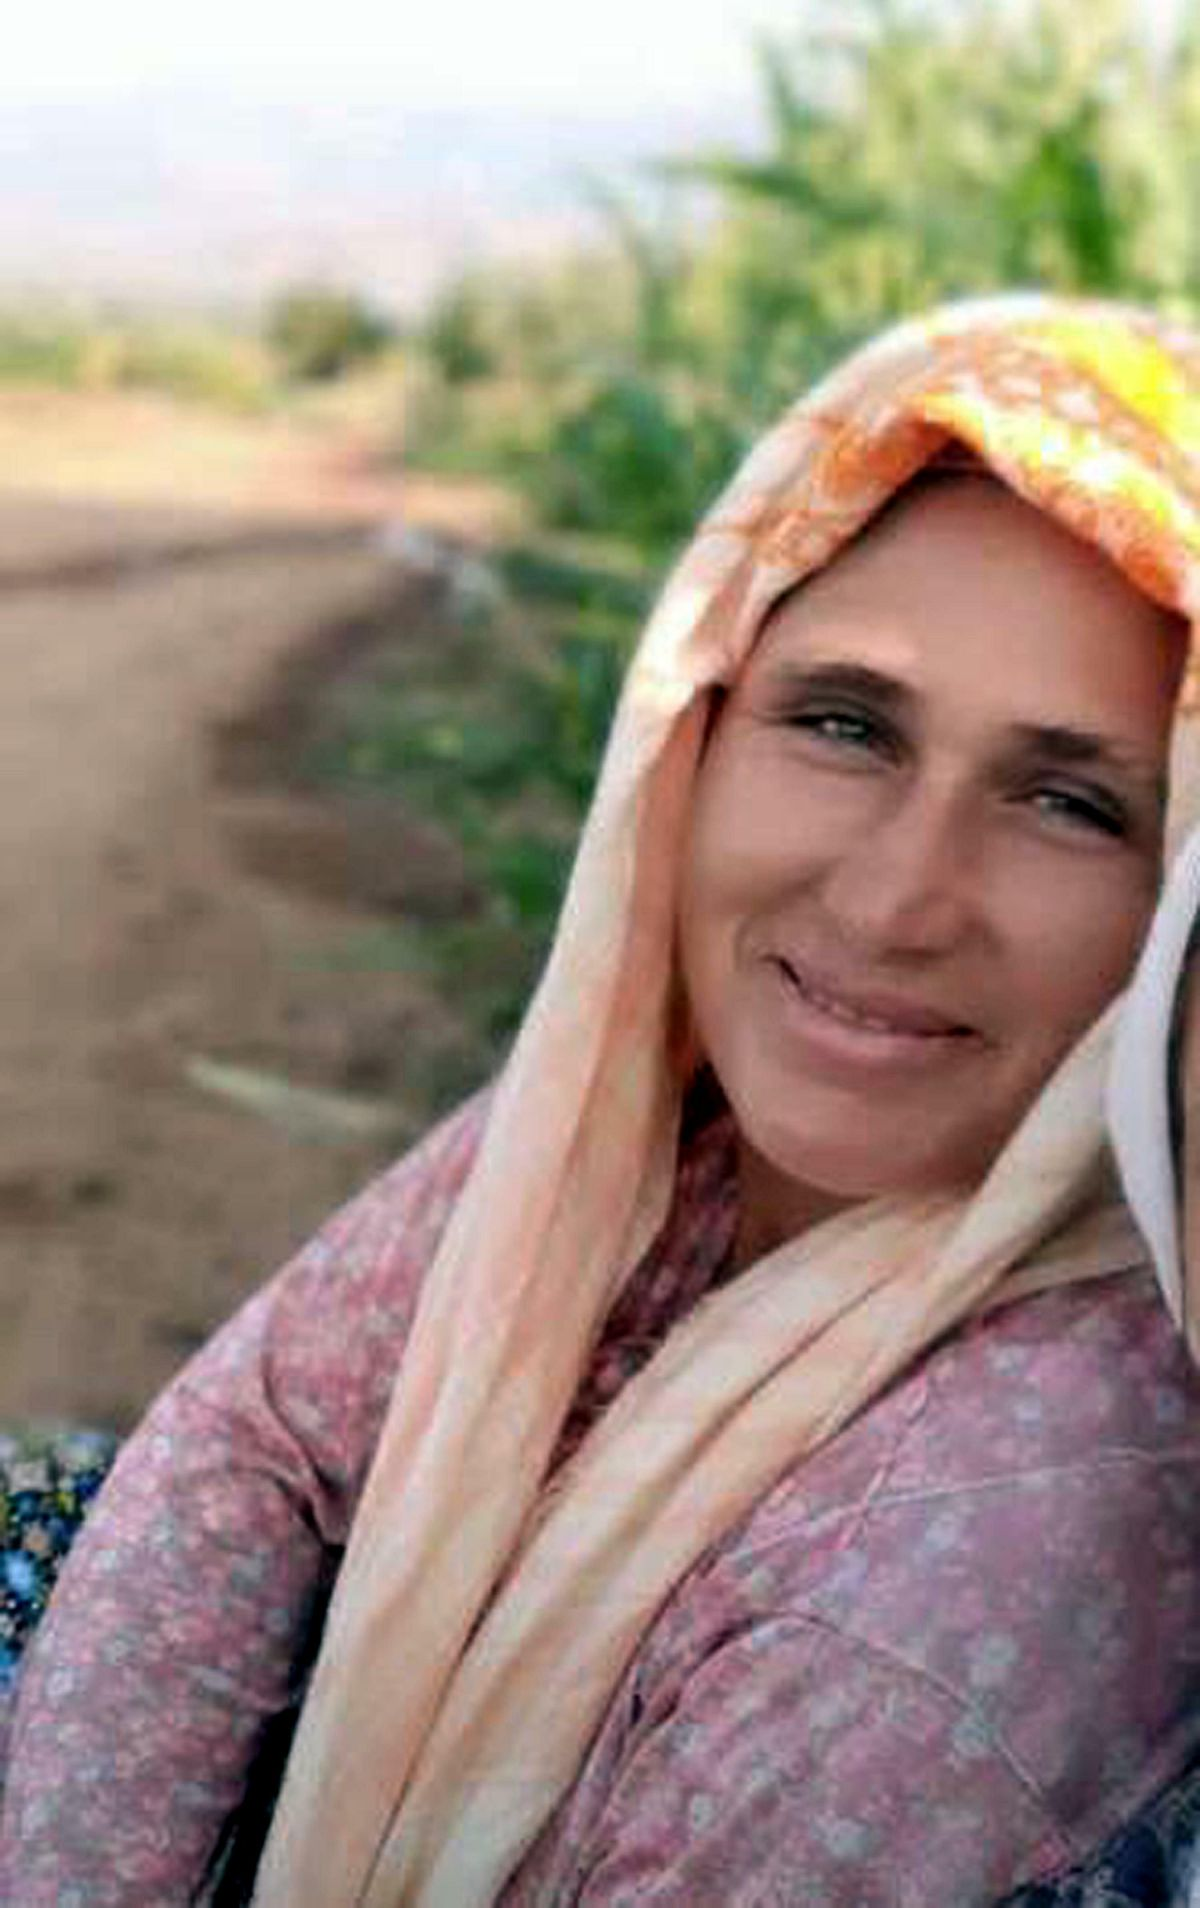 İzmir de eşini darpla öldüren sanığa 8 yıl hapis istendi #2